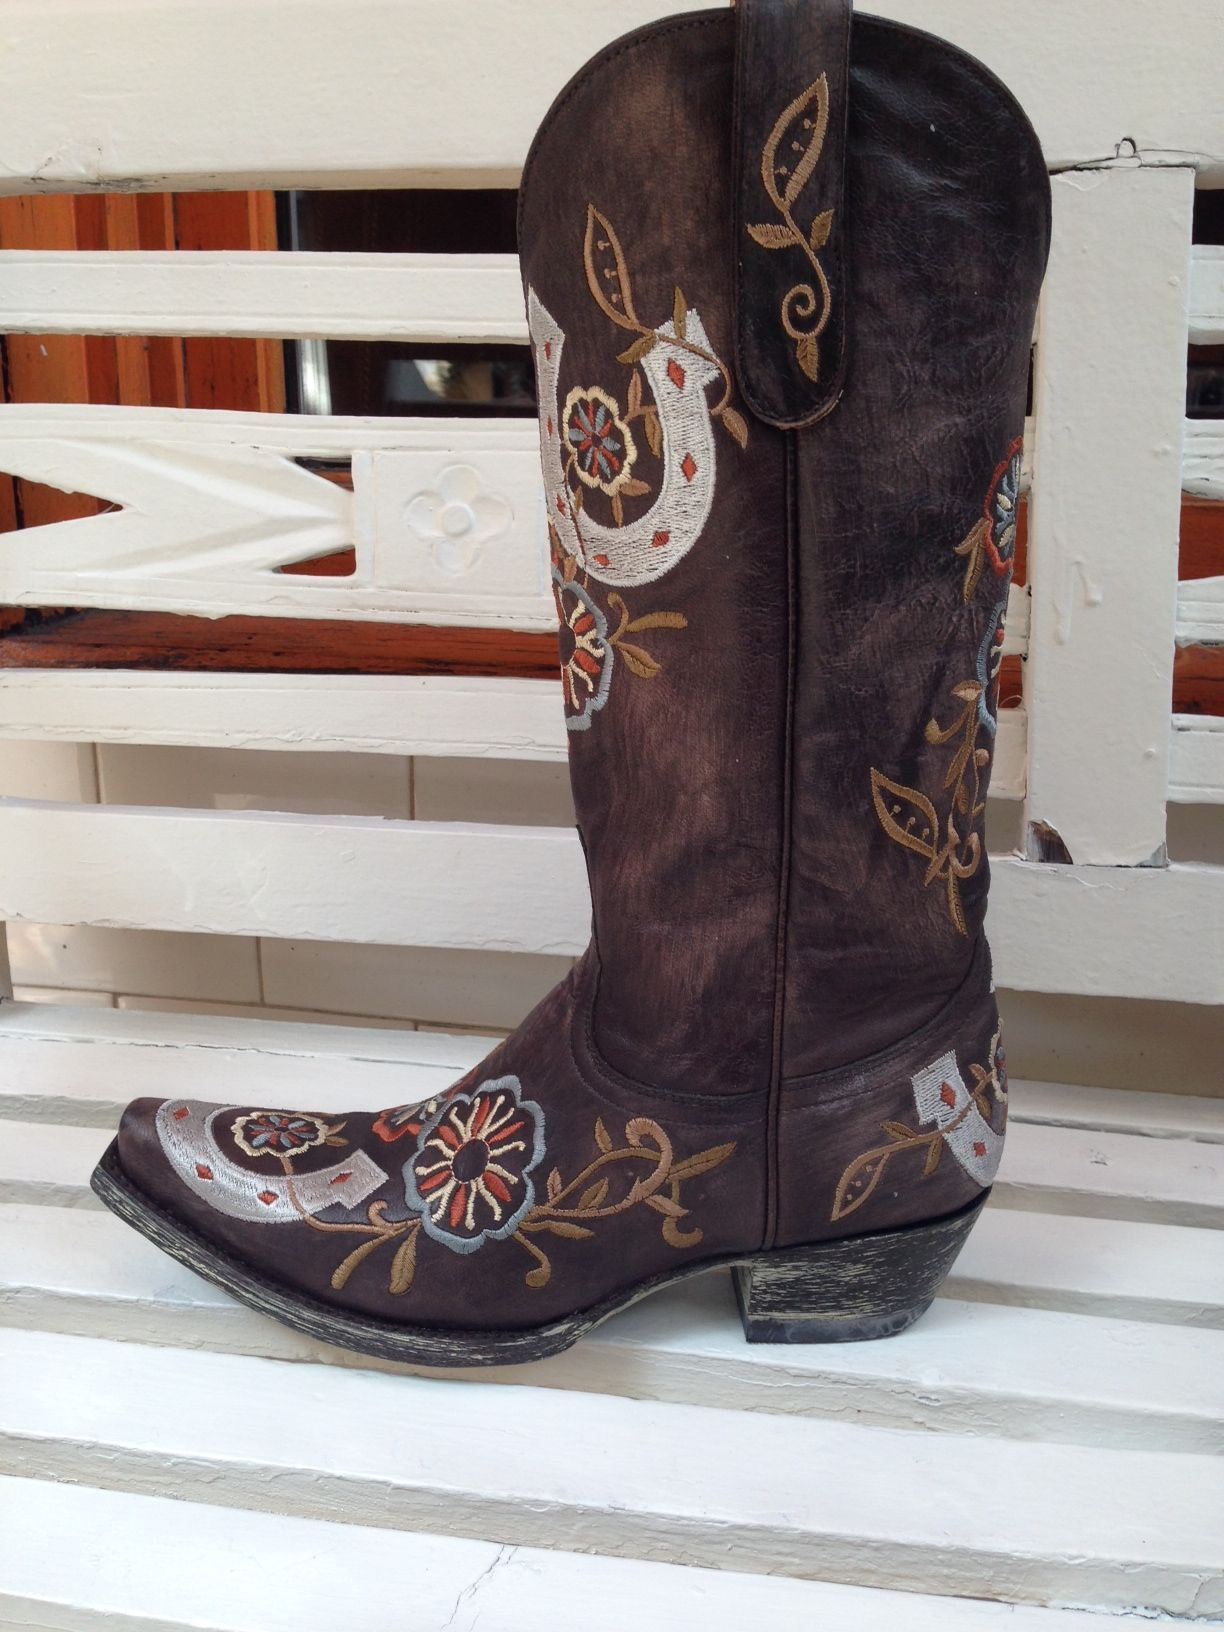 396aa2a7e72 Custom Old Gringo Luckenbach boot. #spacecowboy #nycfashion ...